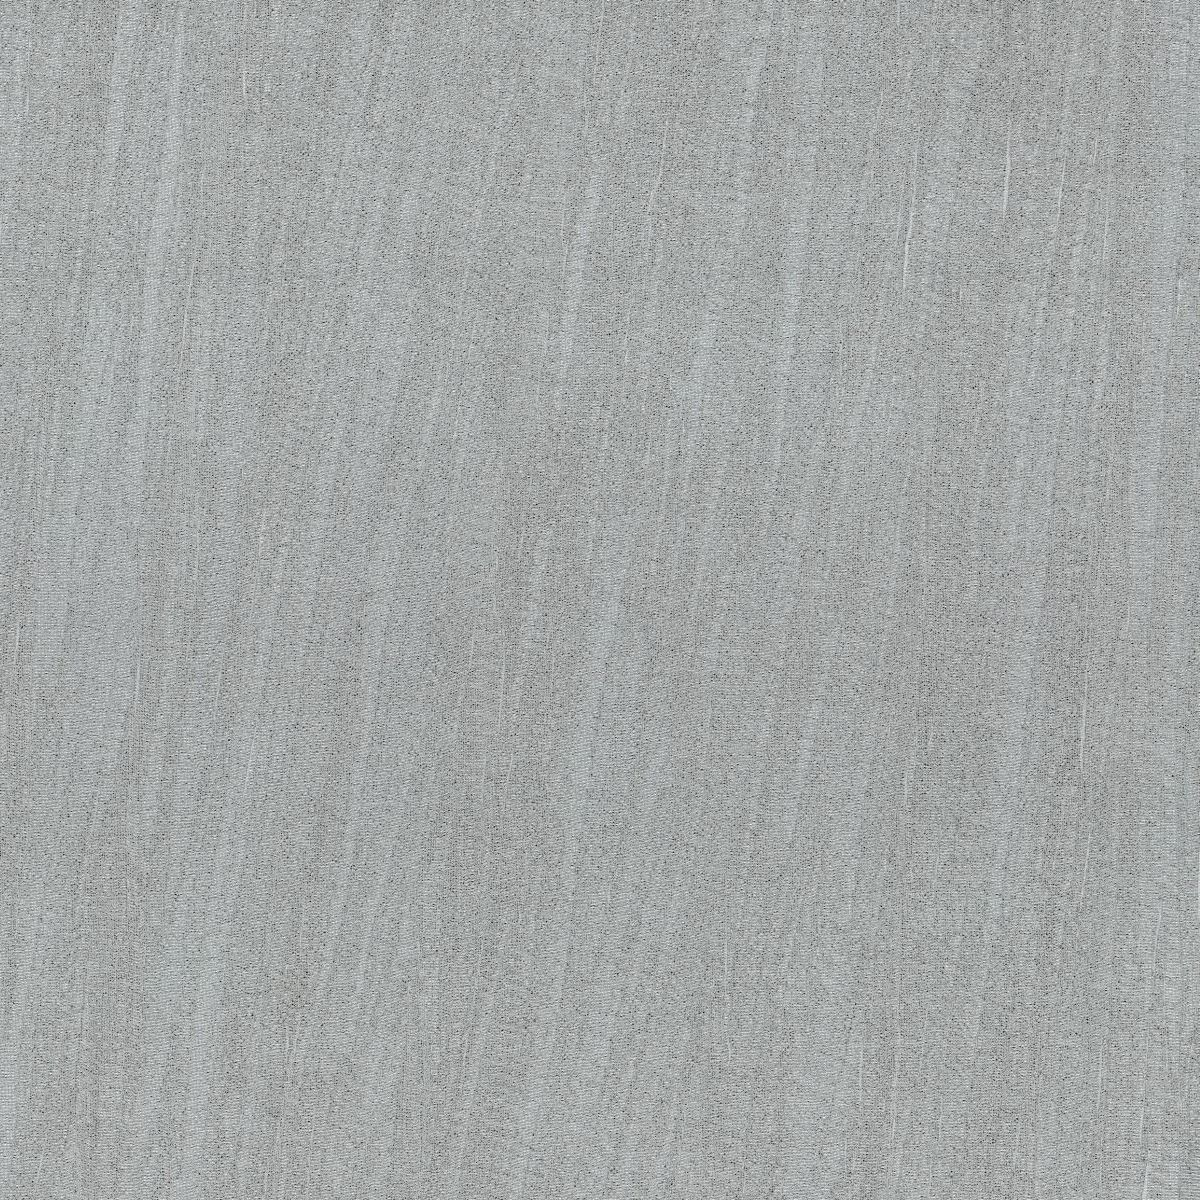 hochwertige tapeten und stoffe tapete mit plisseestoff amazone 2 23520 decowunder. Black Bedroom Furniture Sets. Home Design Ideas